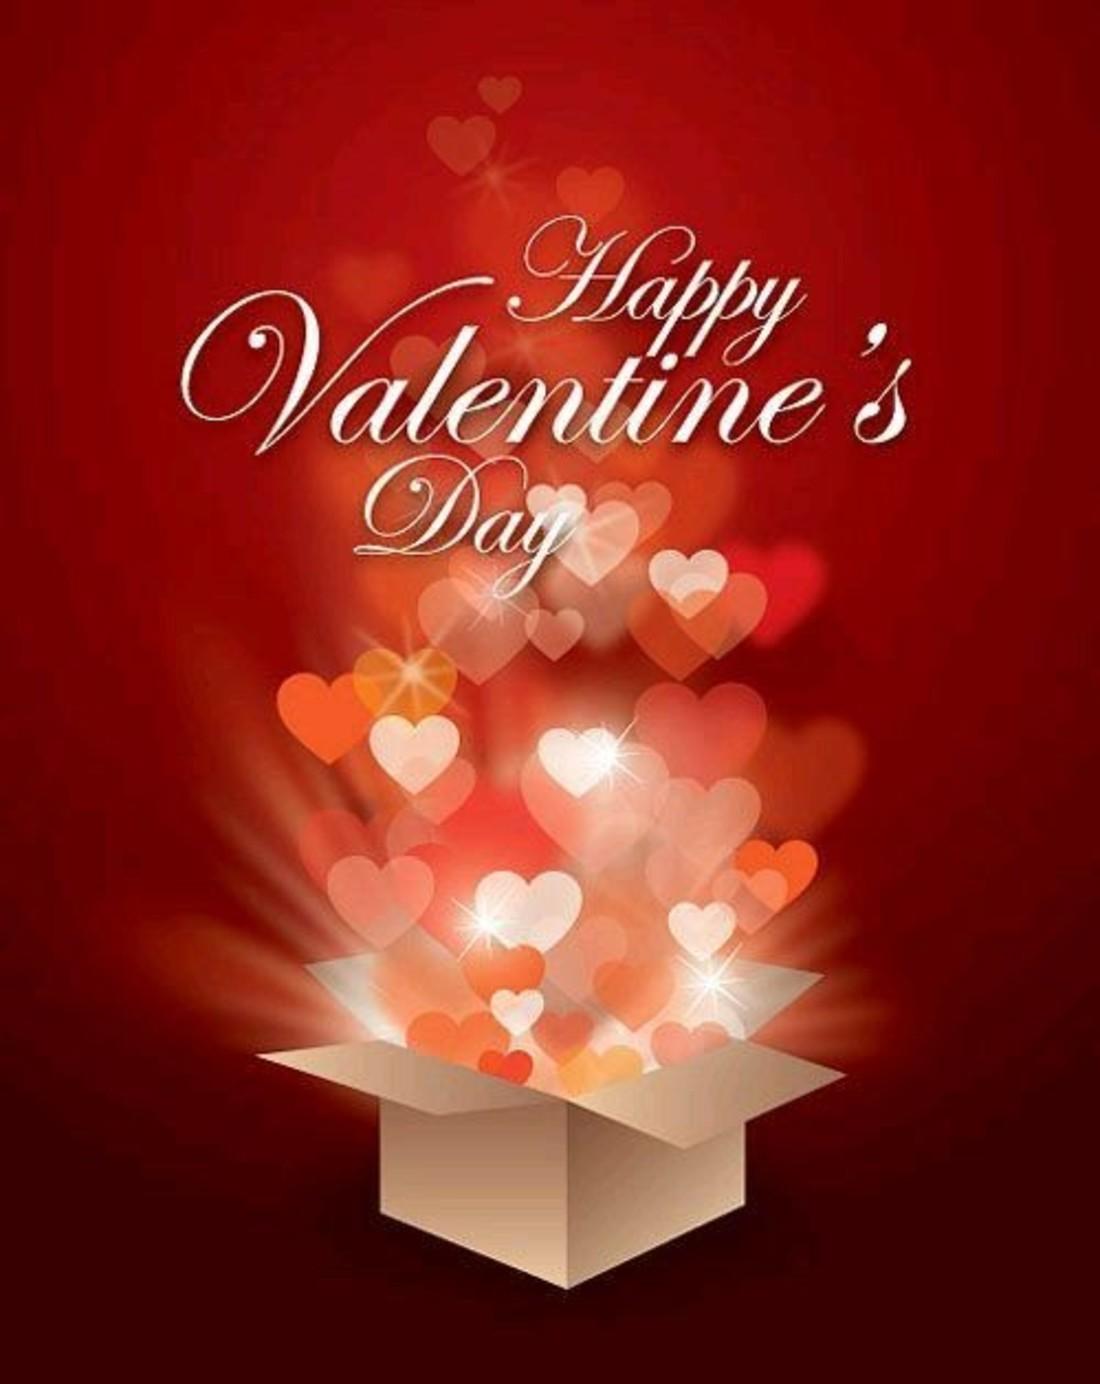 dolci immagini di san valentino per il tuo amore (4)